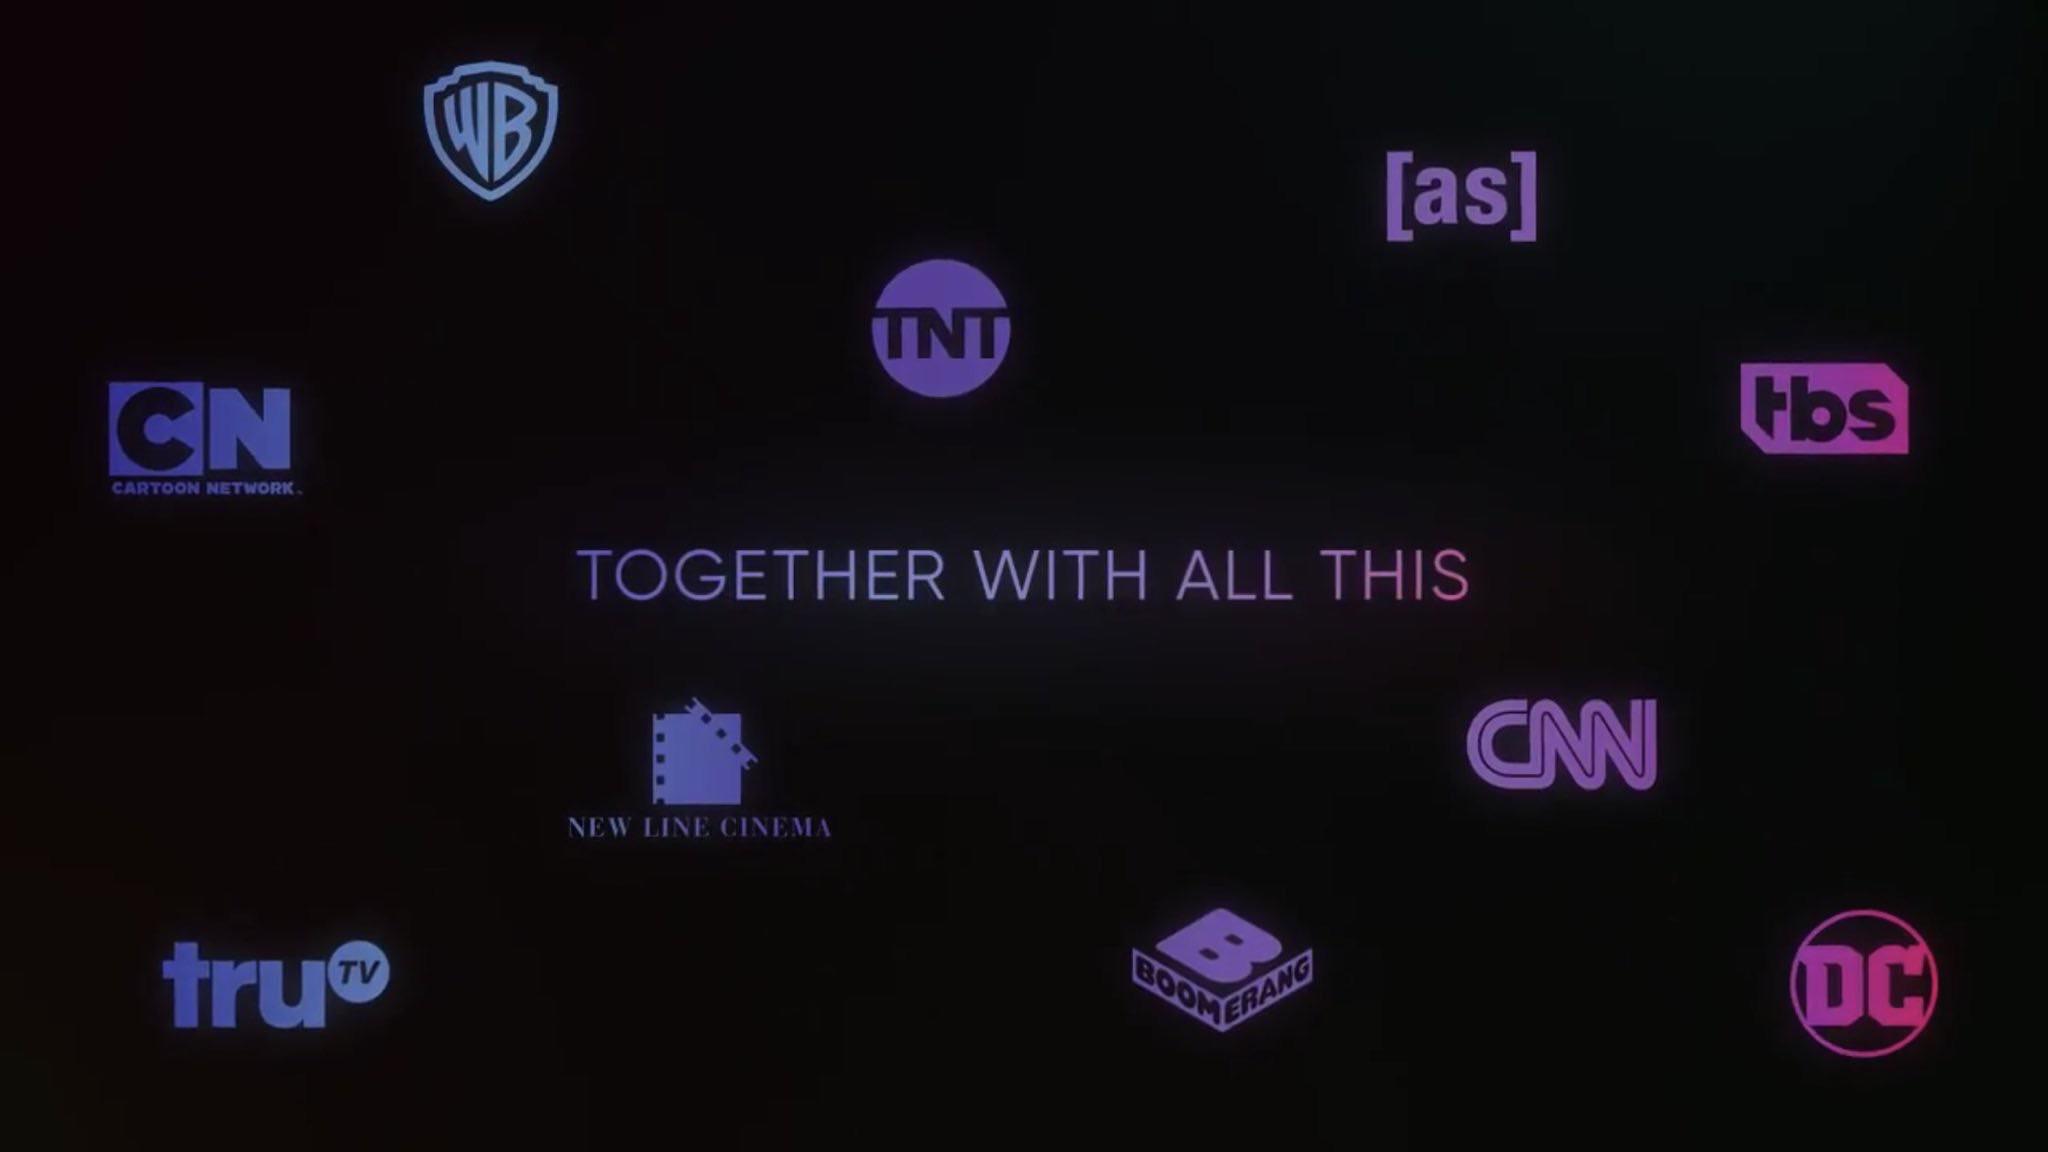 华纳公布流媒体平台HBO Max 携 《老友记》 加入订阅服务混战